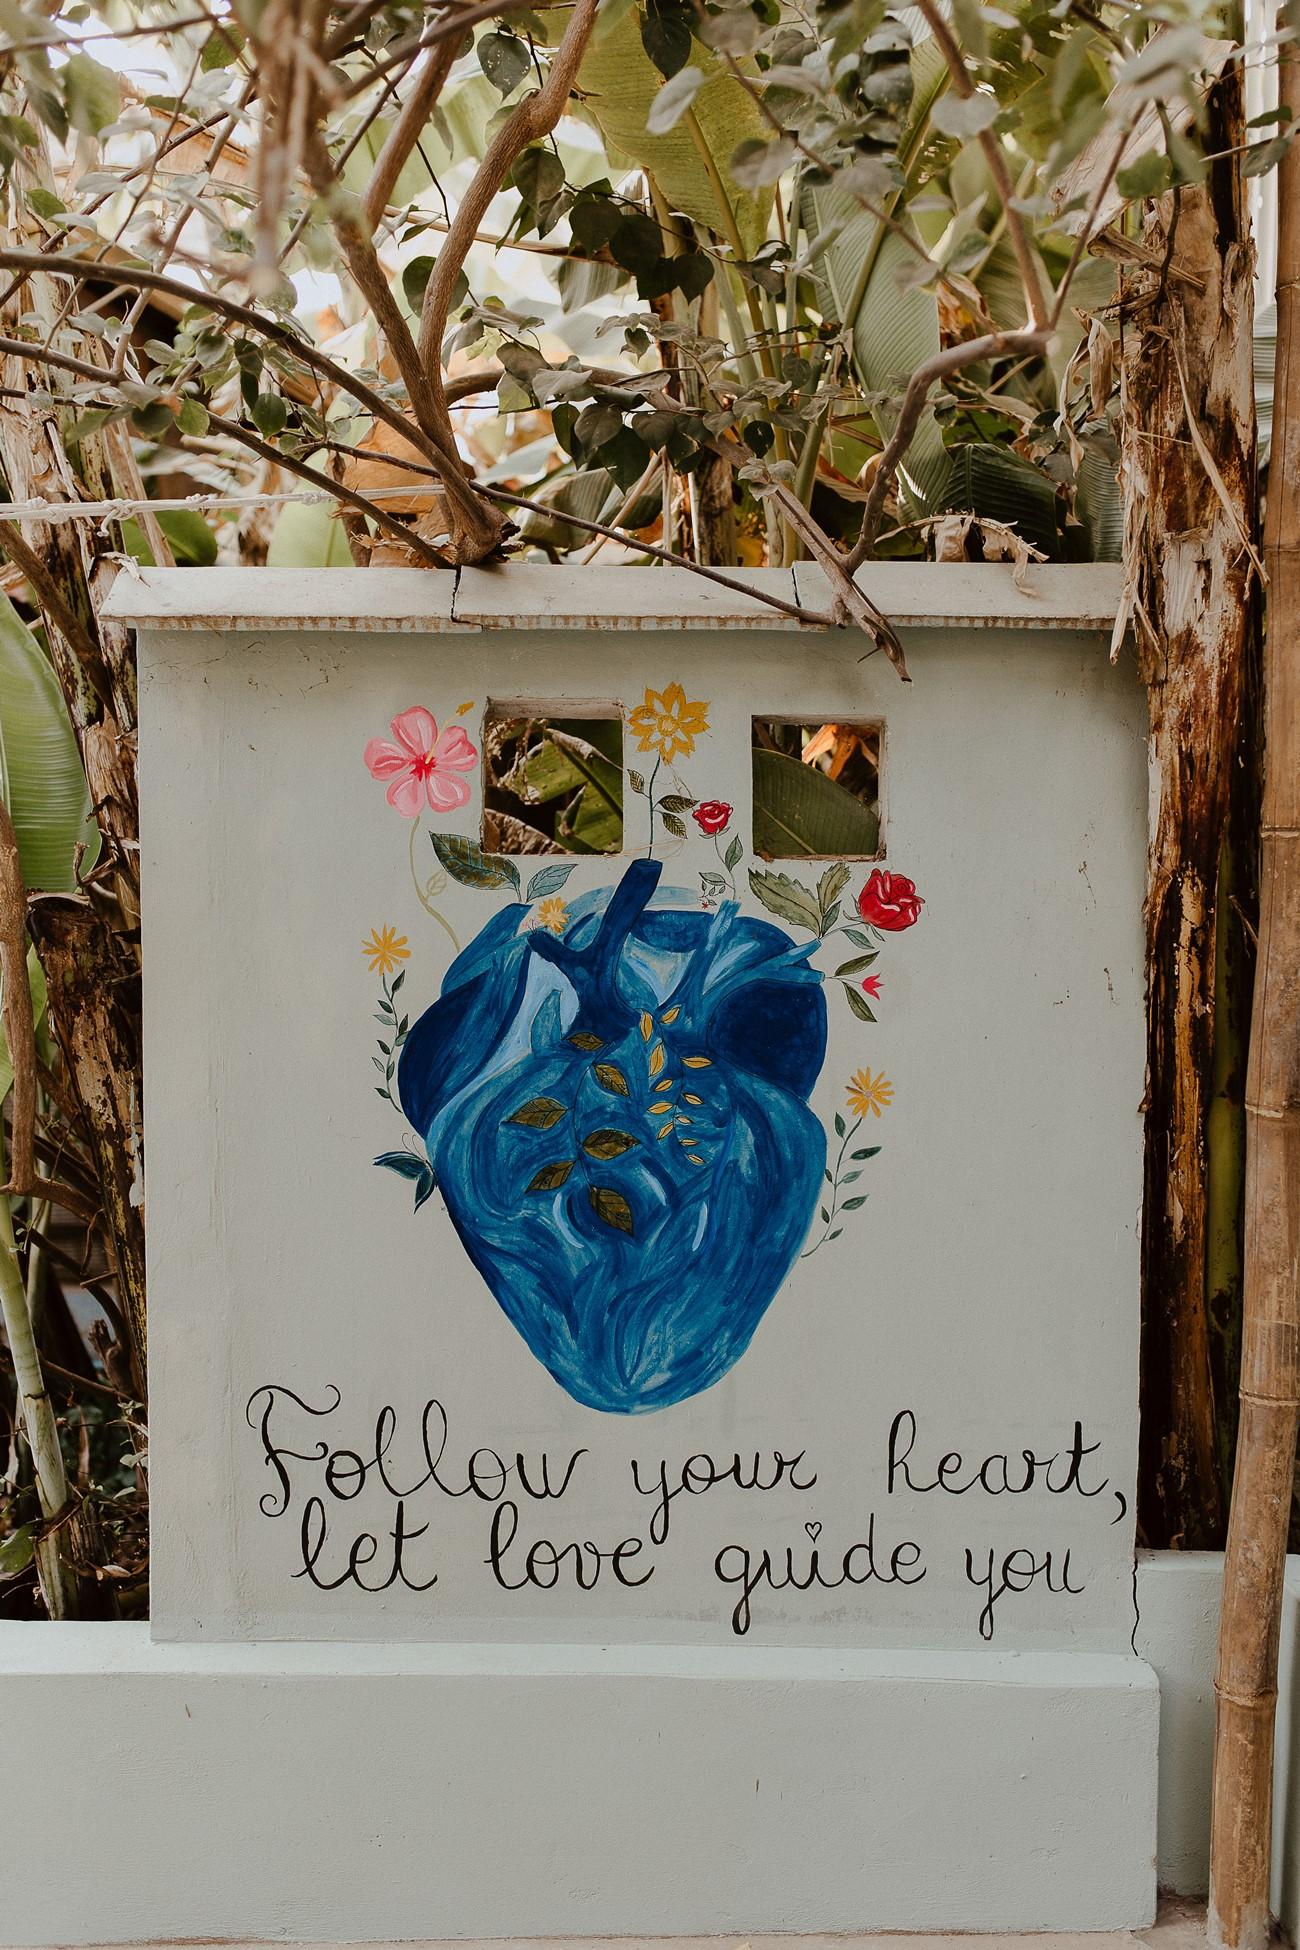 Dessin mur phrase Blue Indigo yoa center